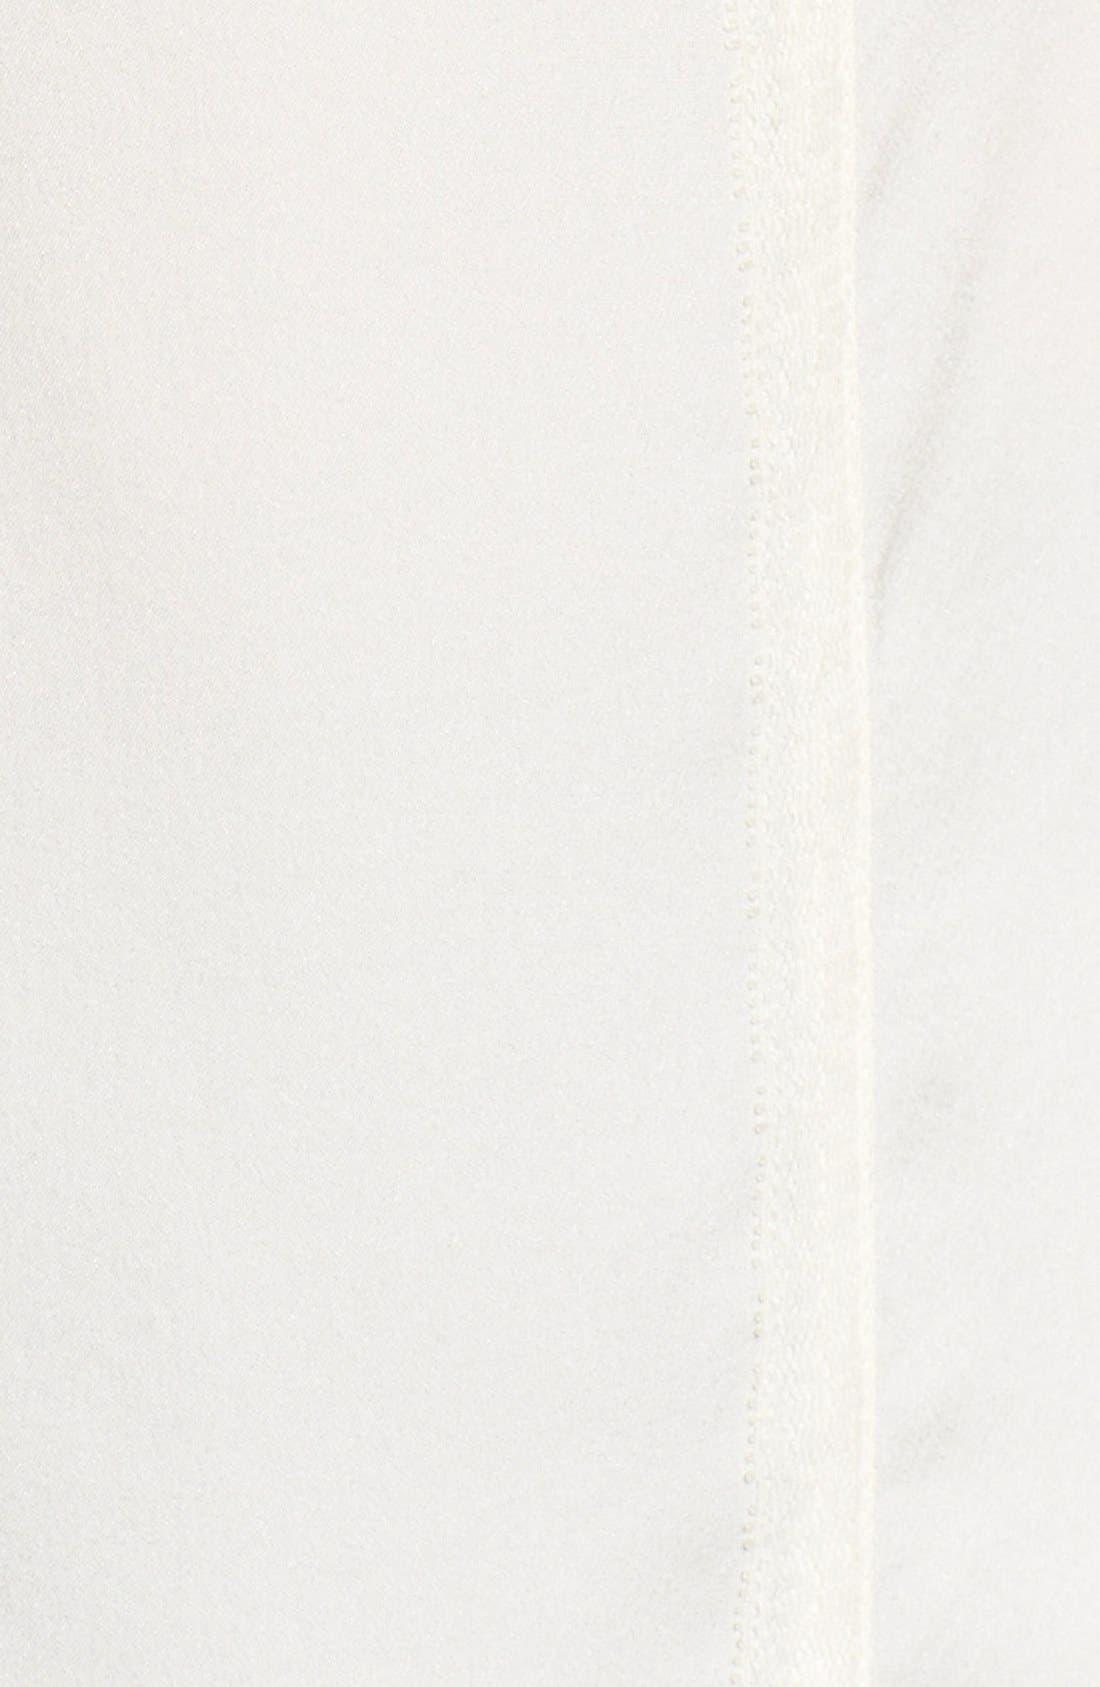 'Josette' Lace Trim Silk Blouse,                             Alternate thumbnail 2, color,                             906